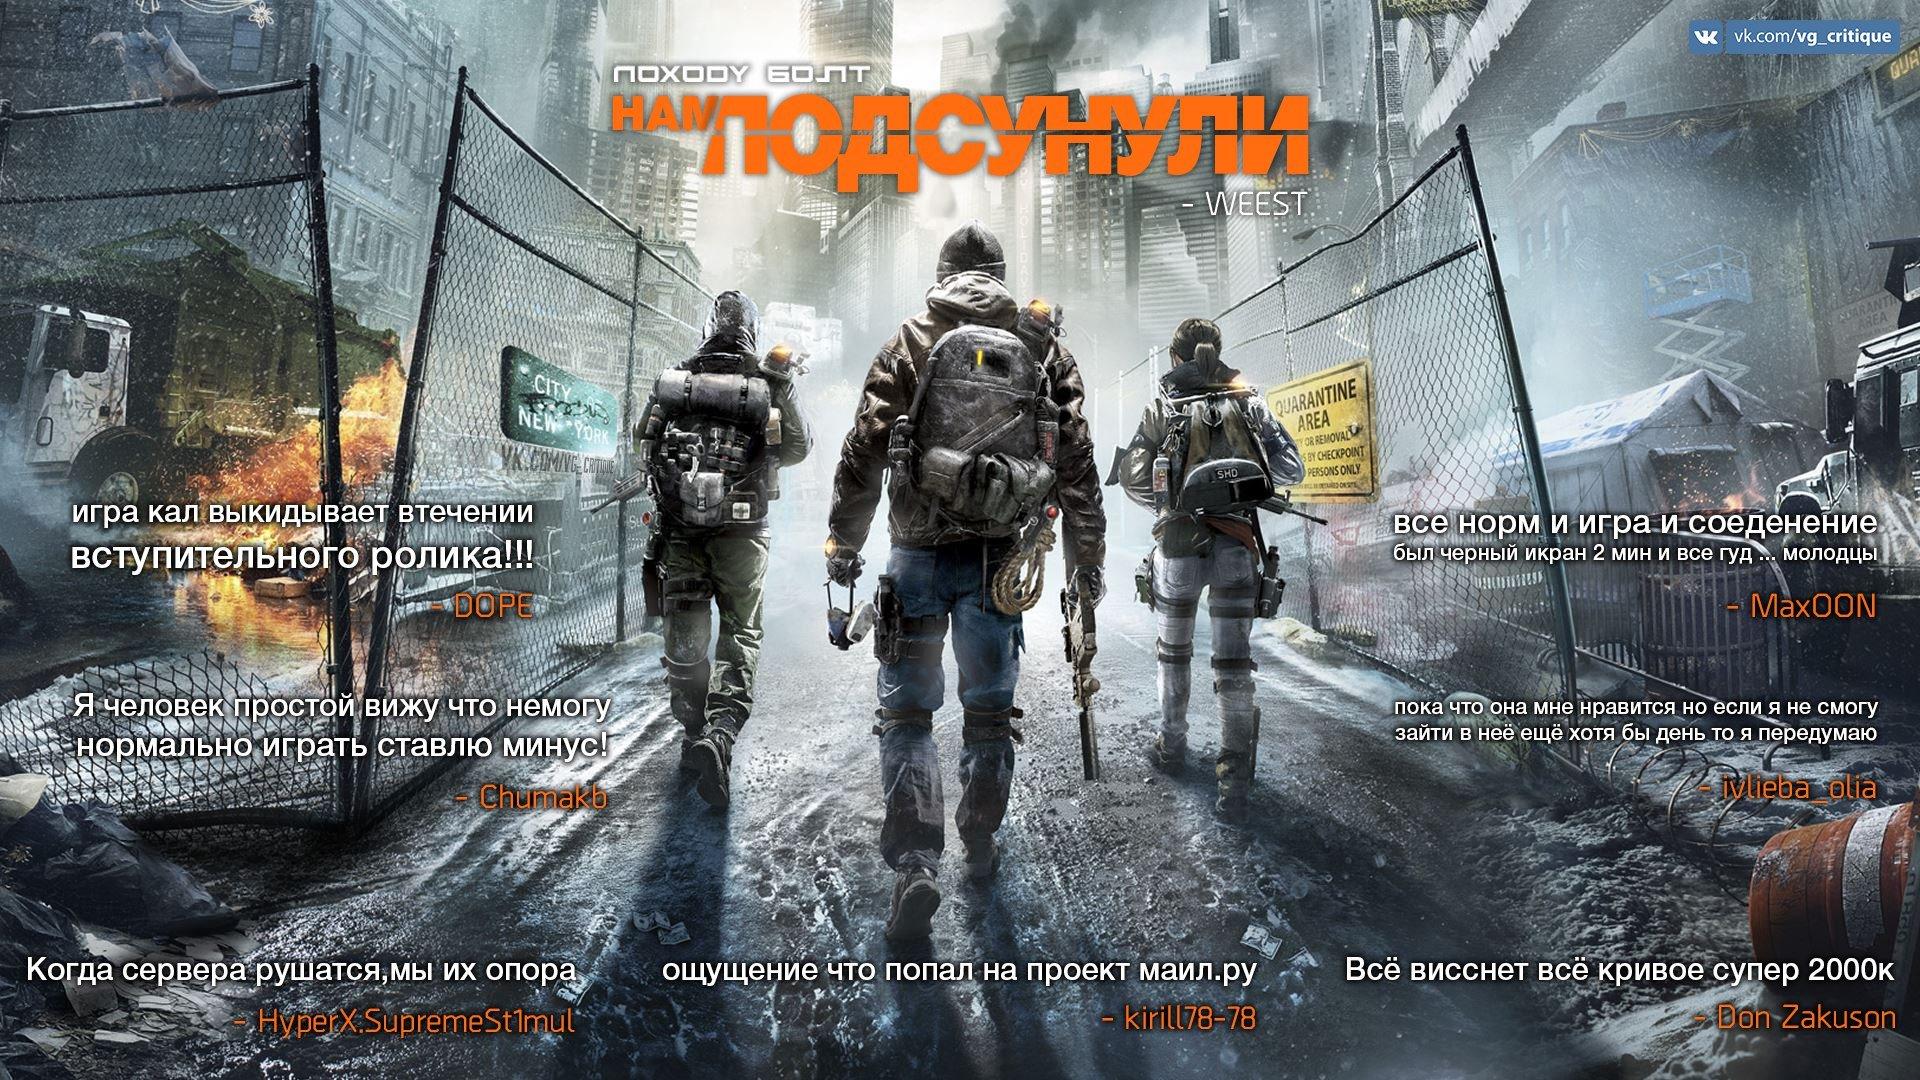 Tom Clancy's The Division. Критика XXI века. - Изображение 1